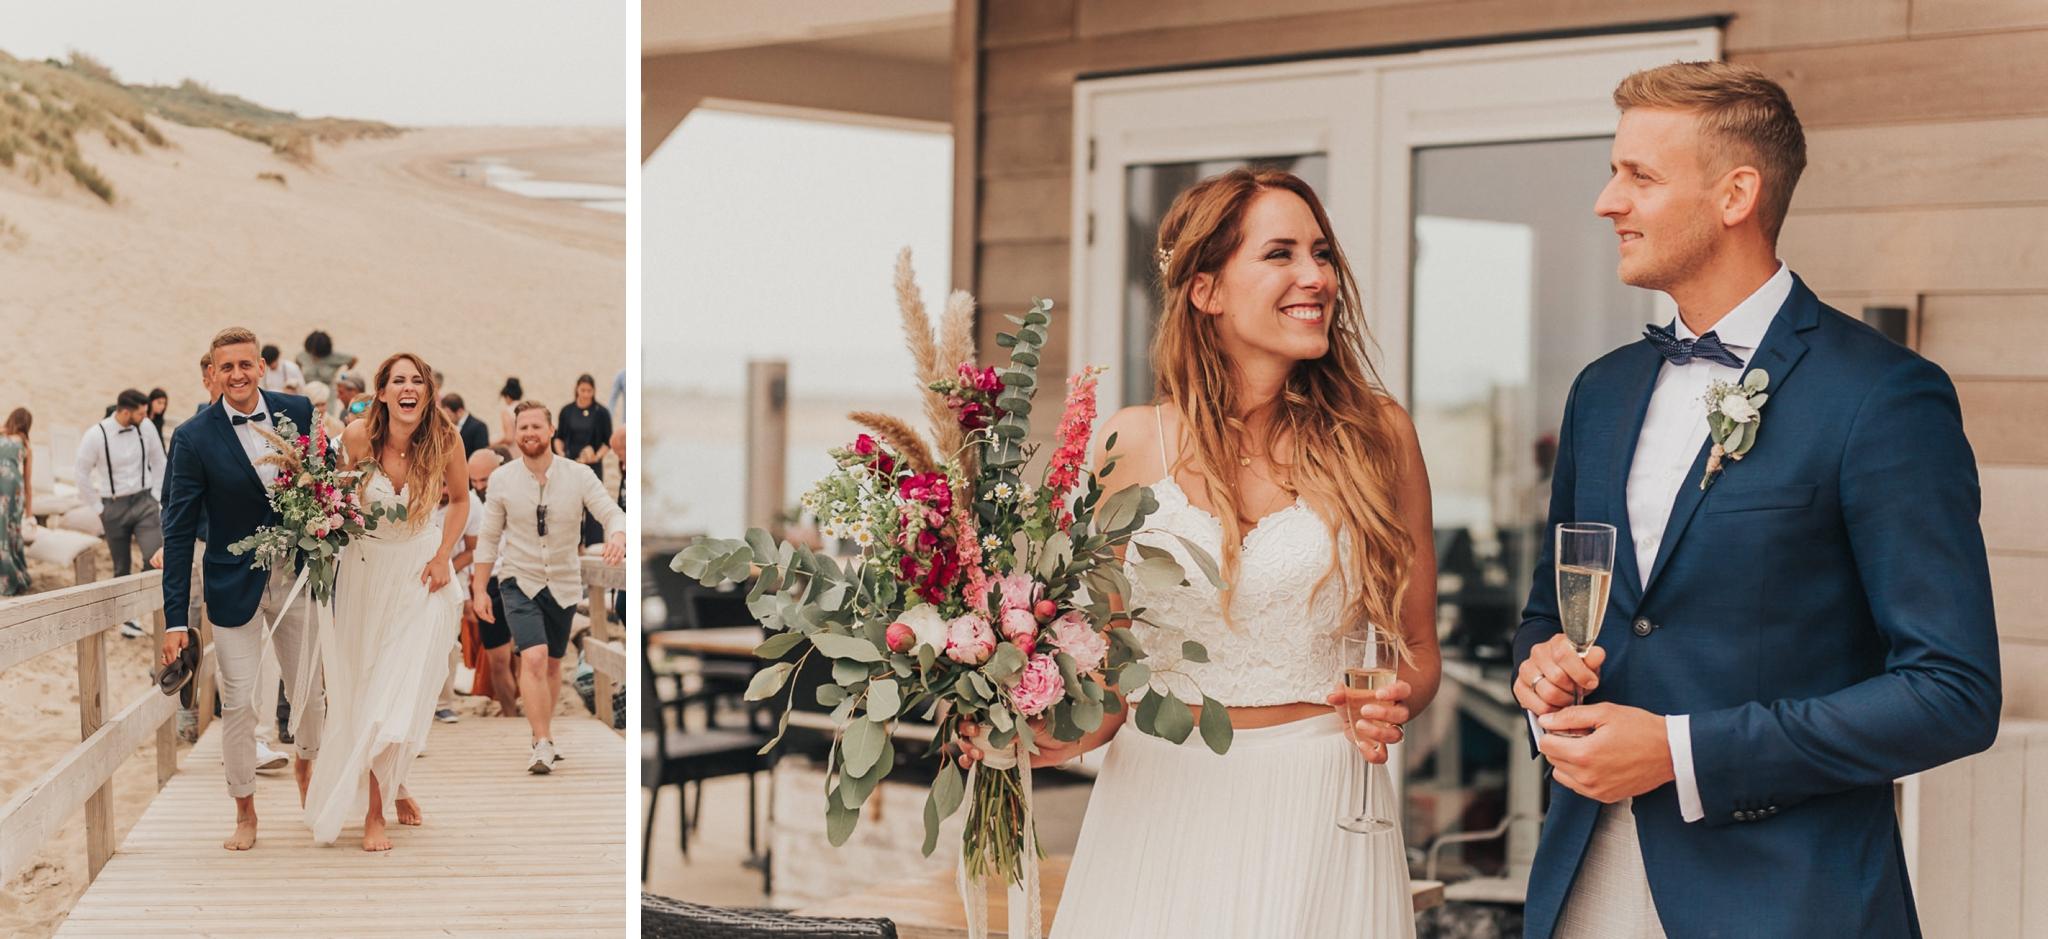 Strandhochzeit Niederlande, Strandhochzeit Holland, Hochzeitsfotograf, Beach wedding